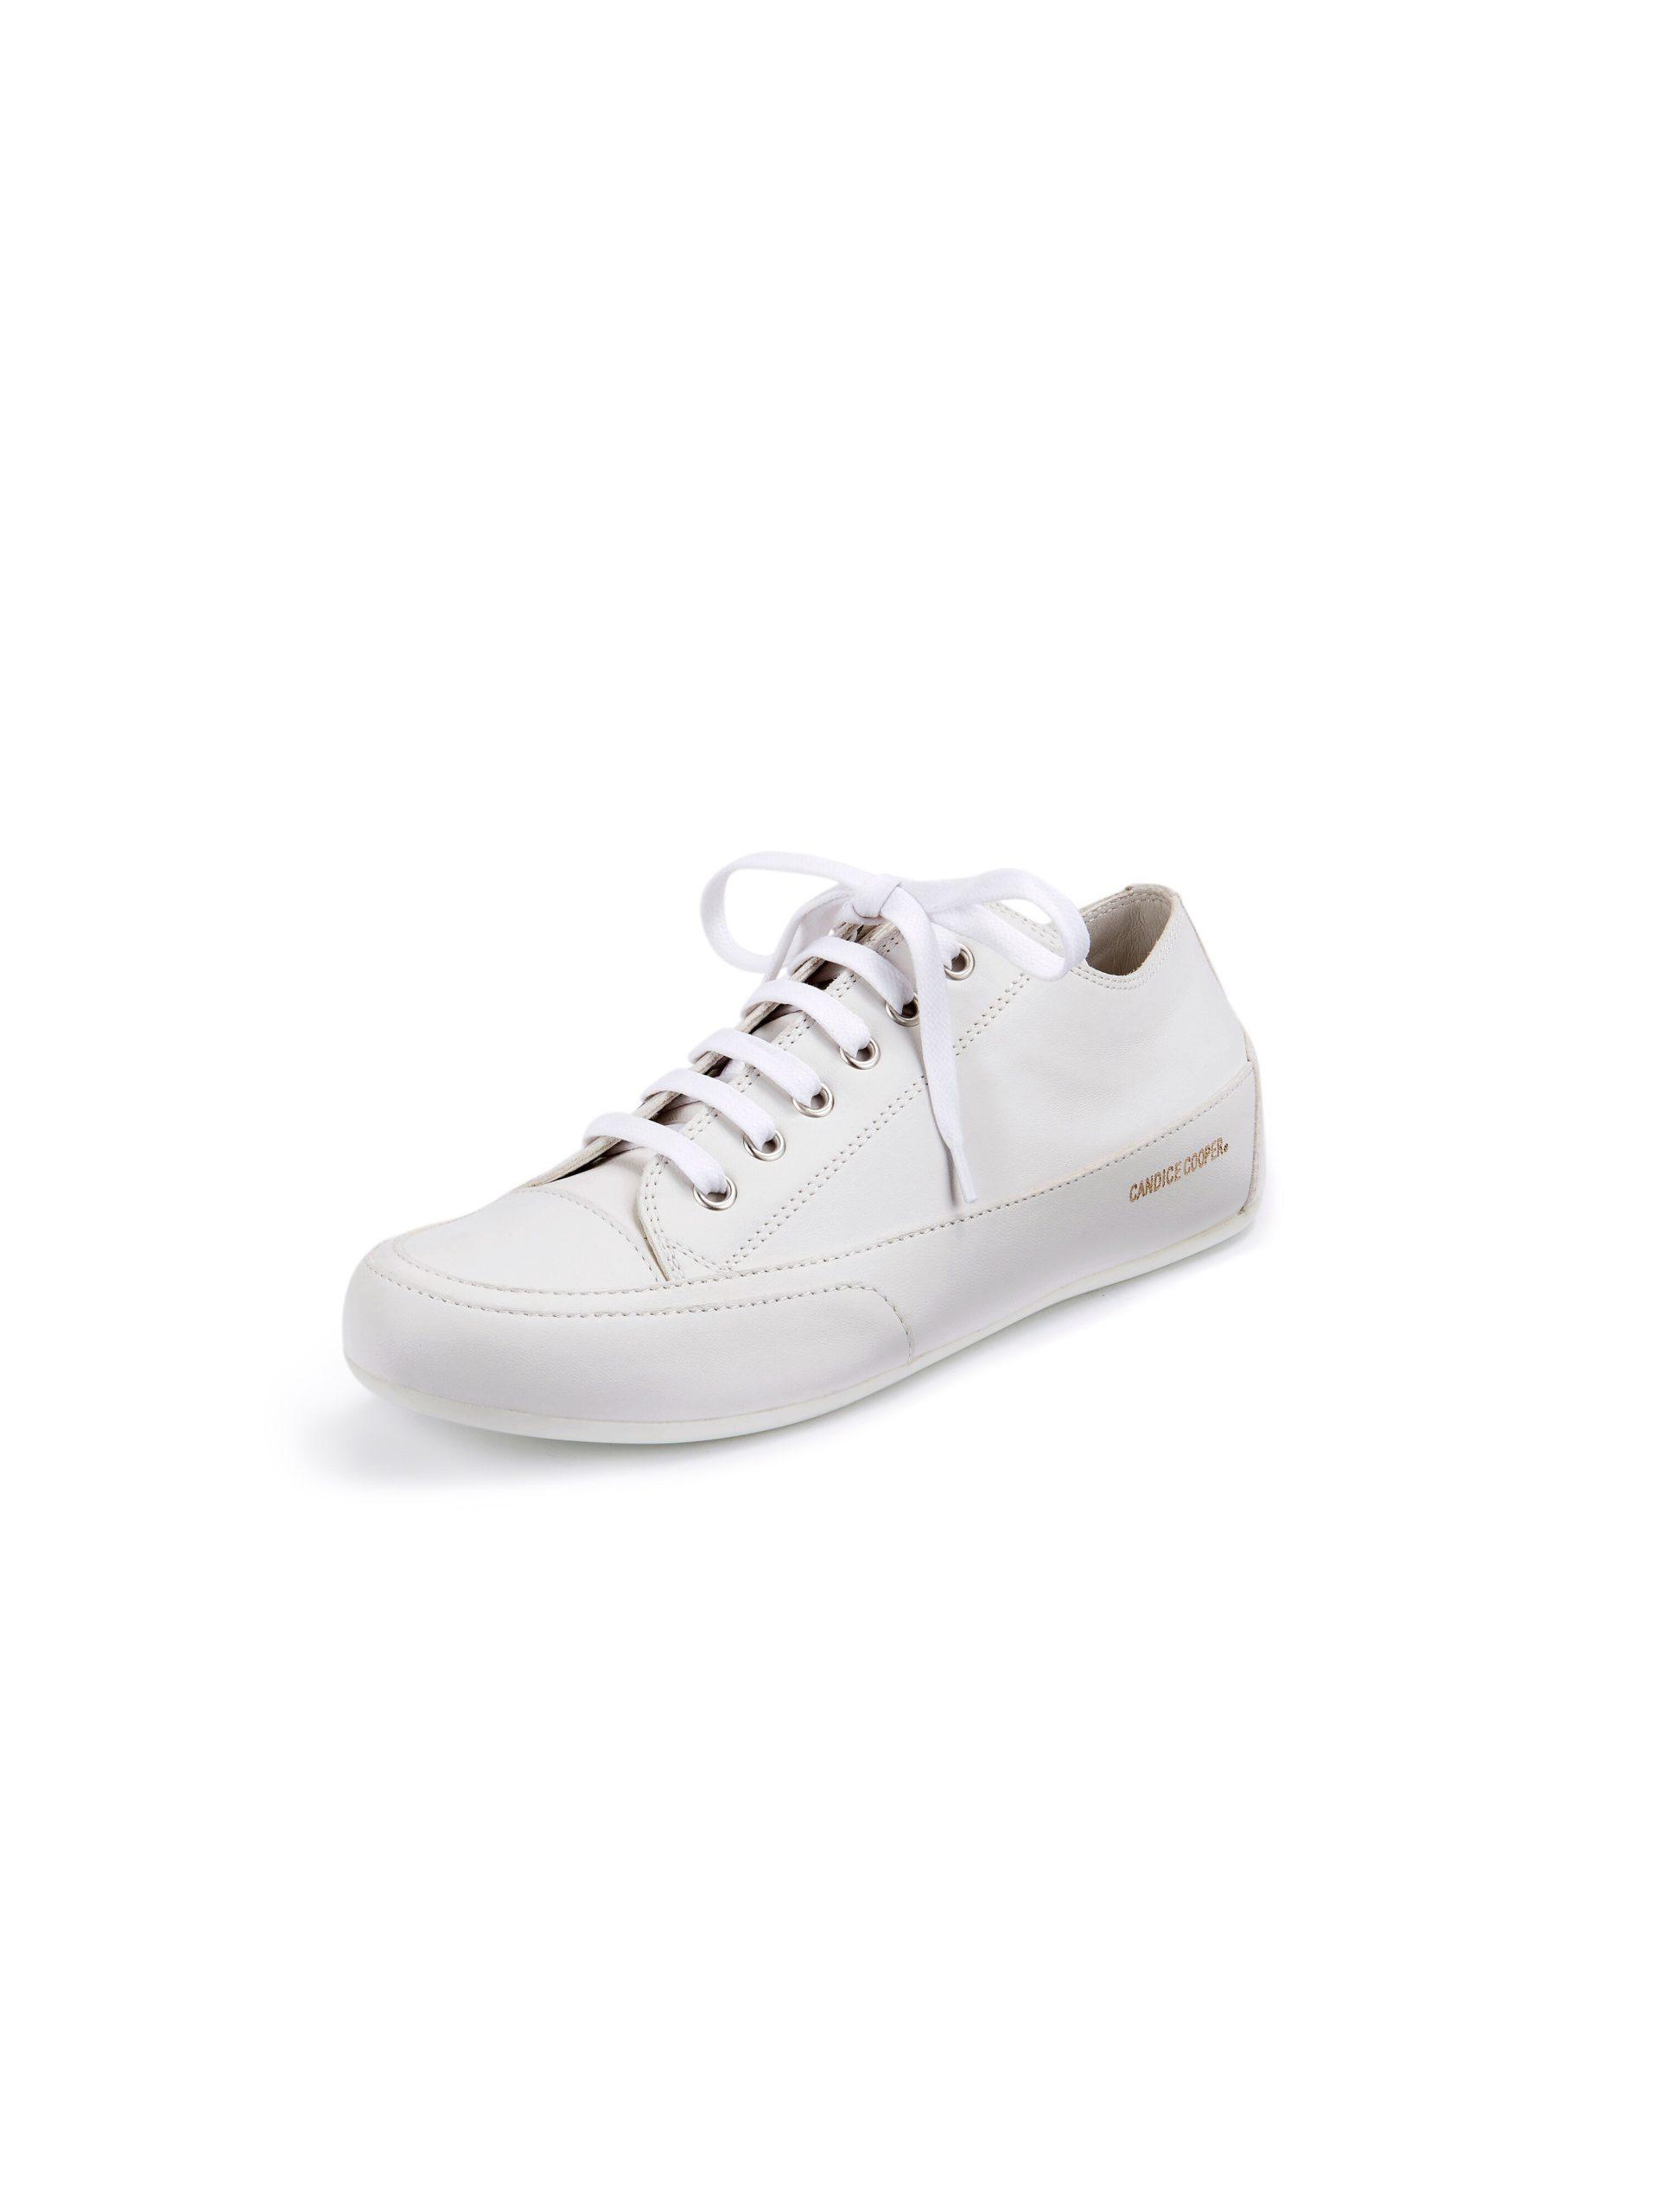 Sneakers Rock Van Candice Cooper wit Kopen